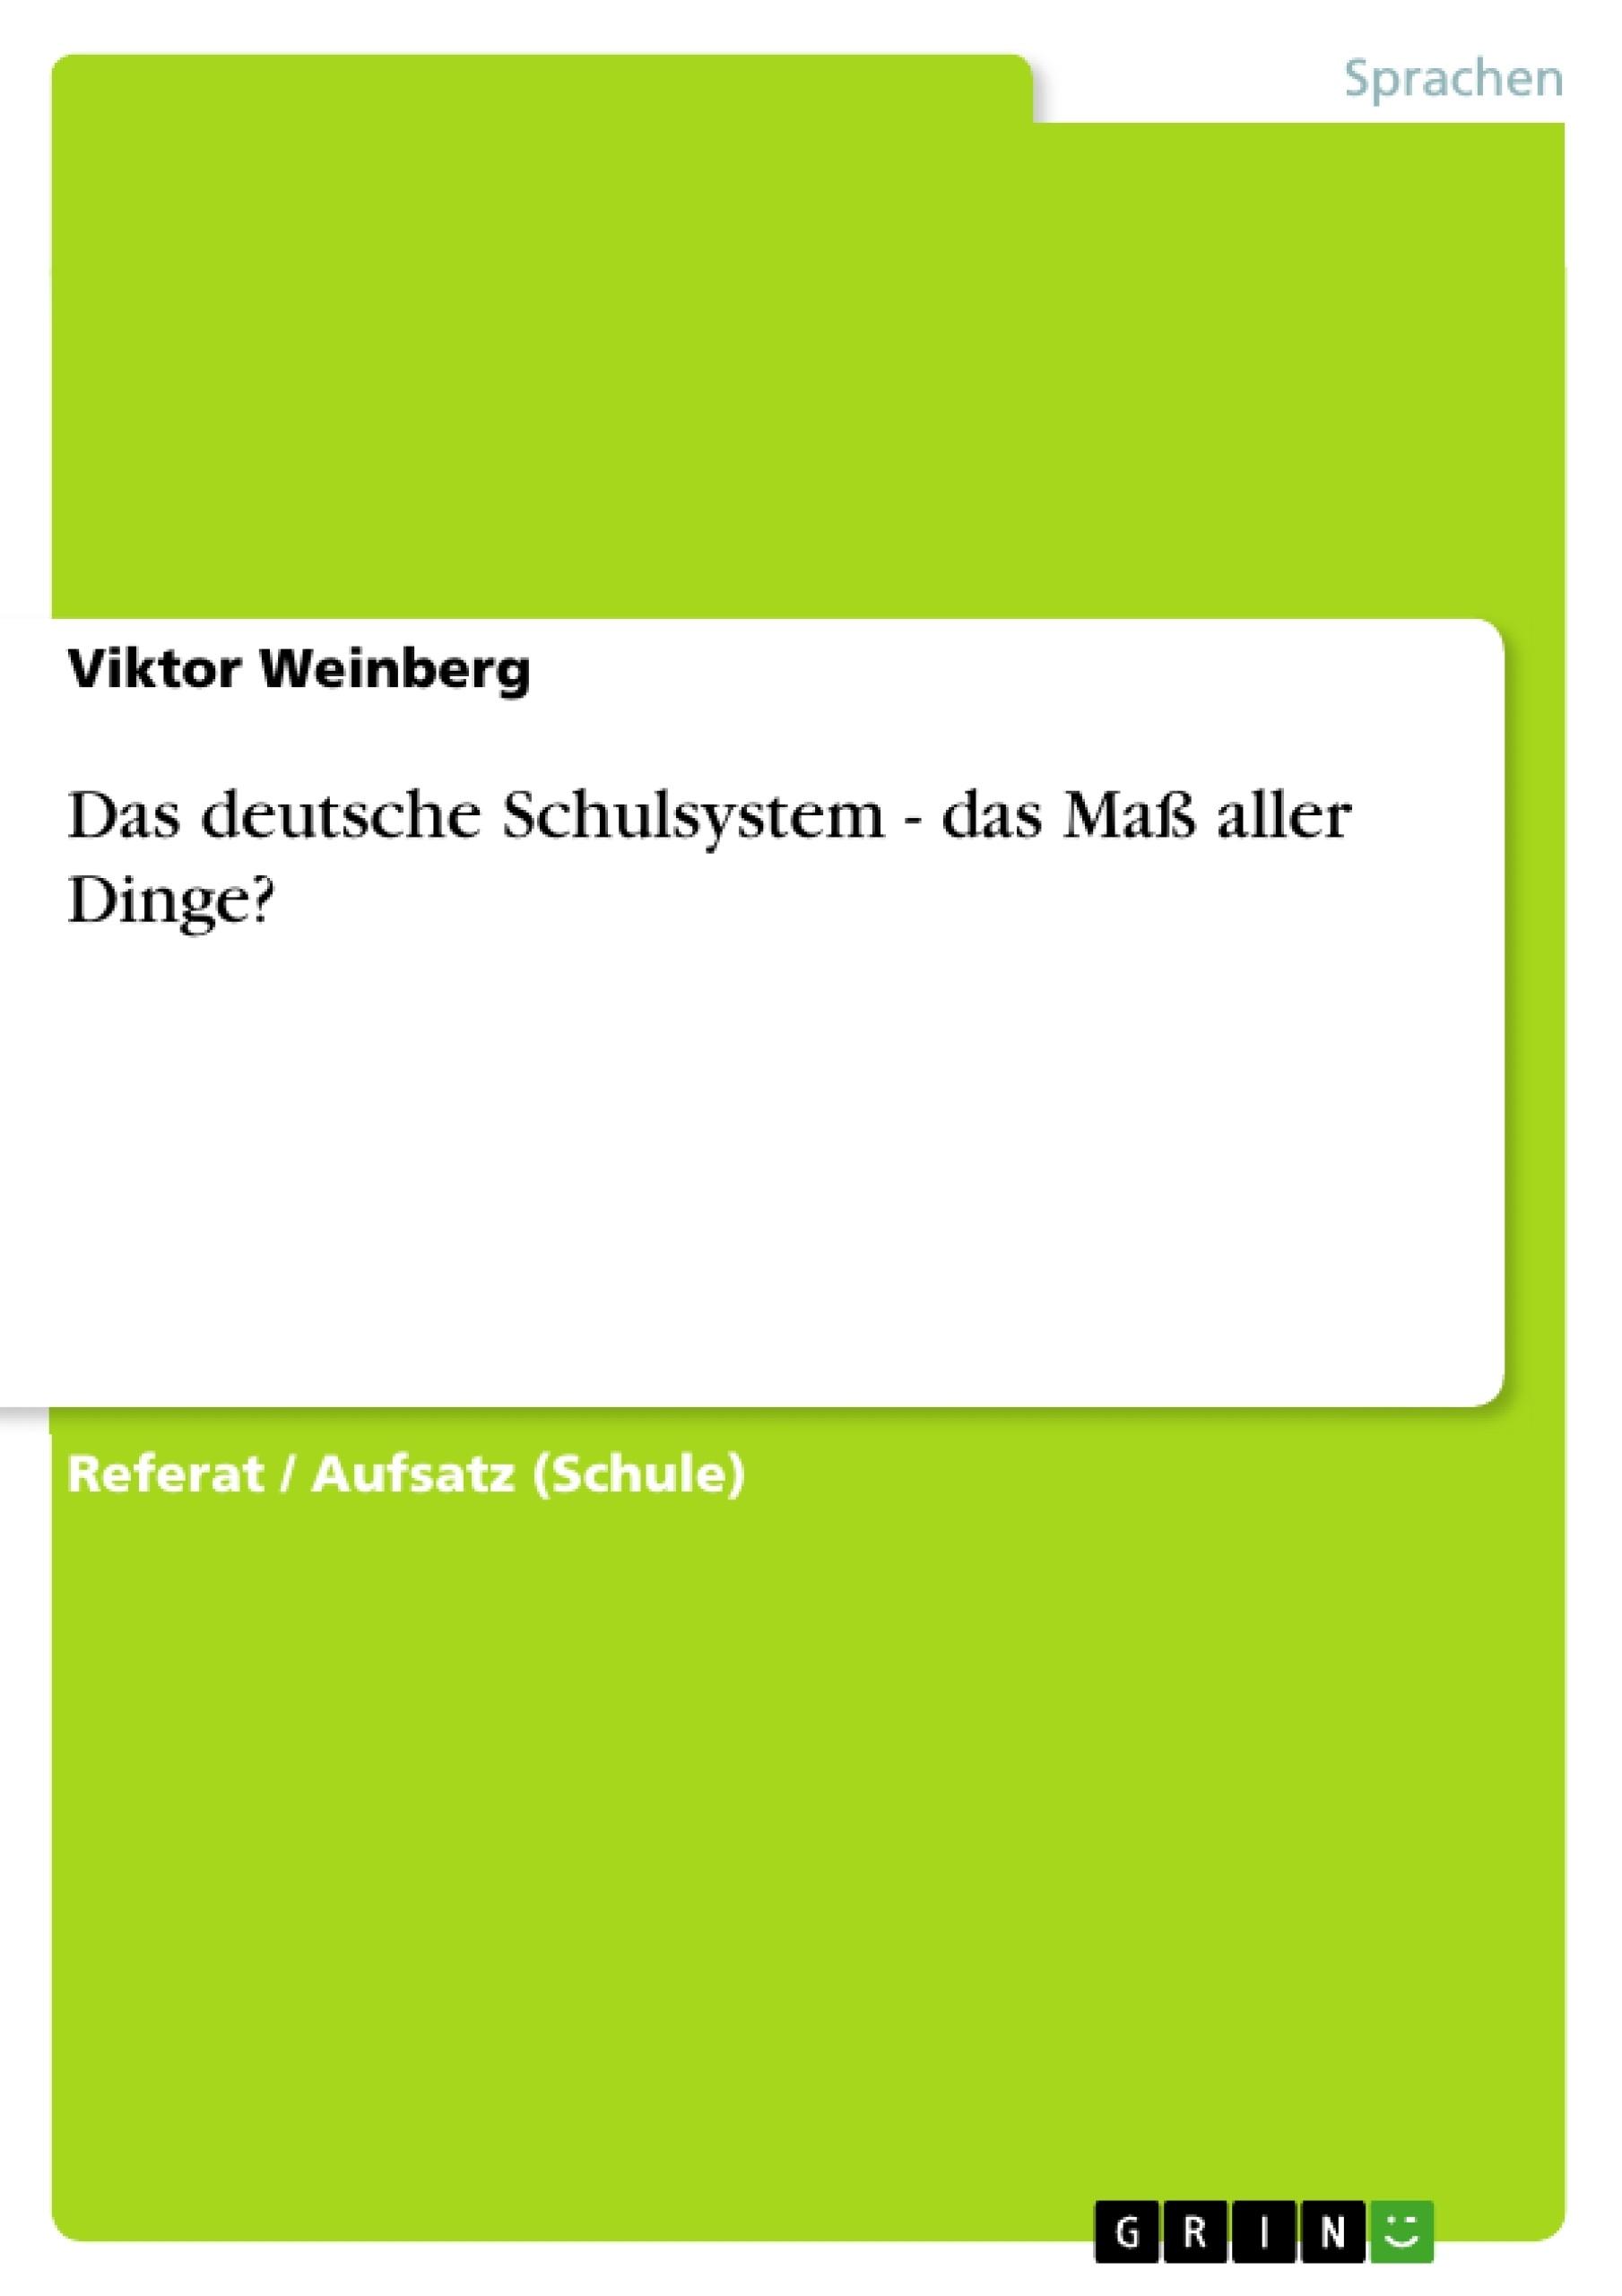 Titel: Das deutsche Schulsystem - das Maß aller Dinge?